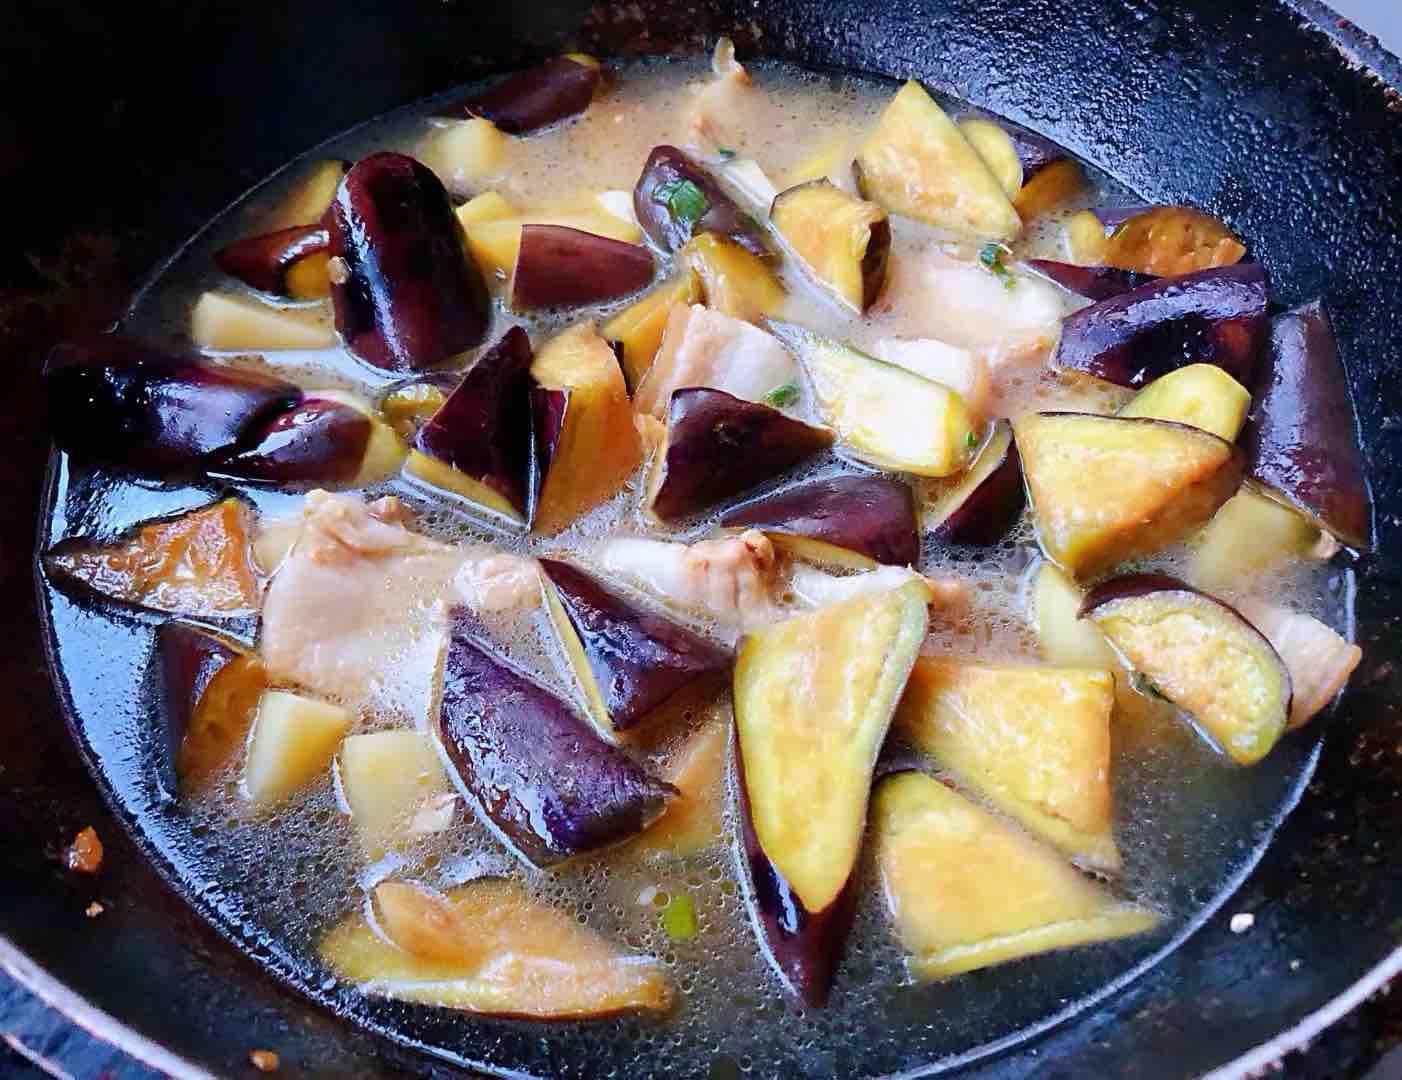 土豆茄子炖五花肉怎么煮